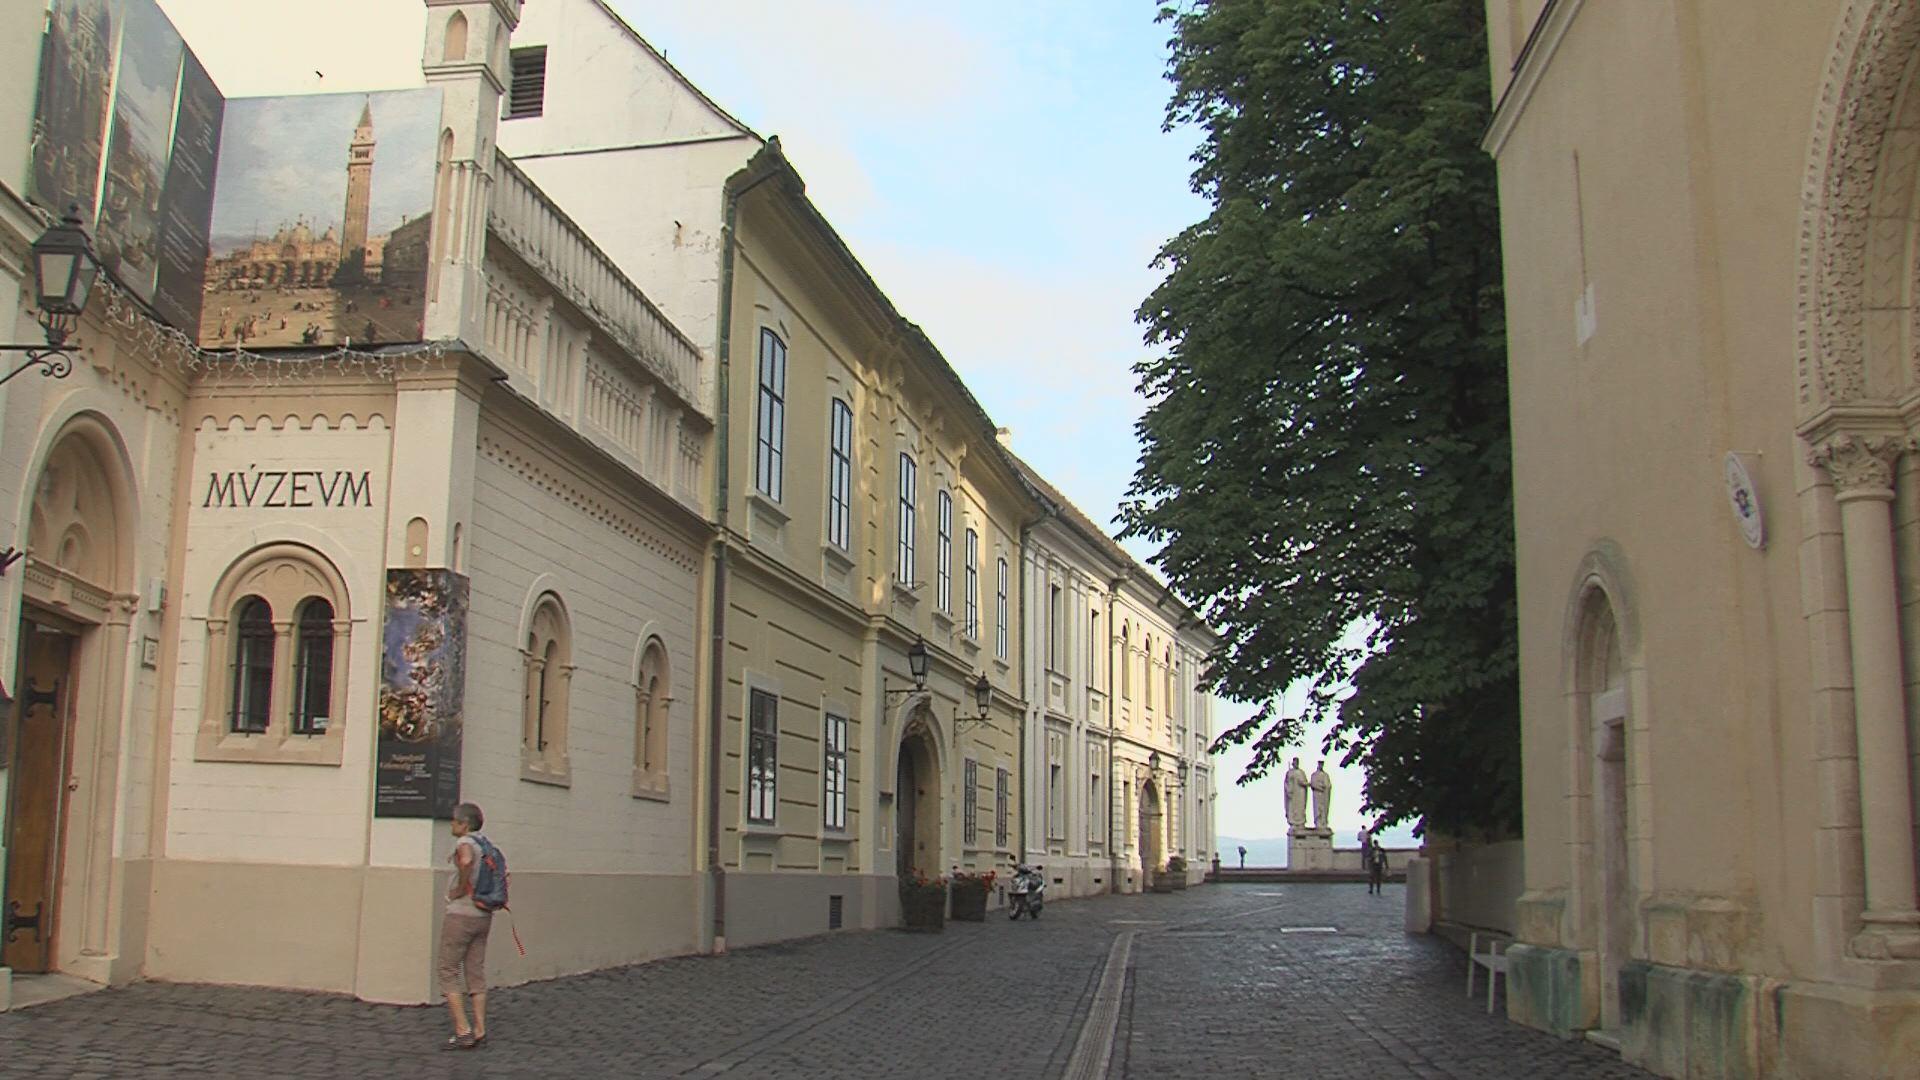 Fotókiállítással nyitott újra a Laczkó Dezső Múzeum